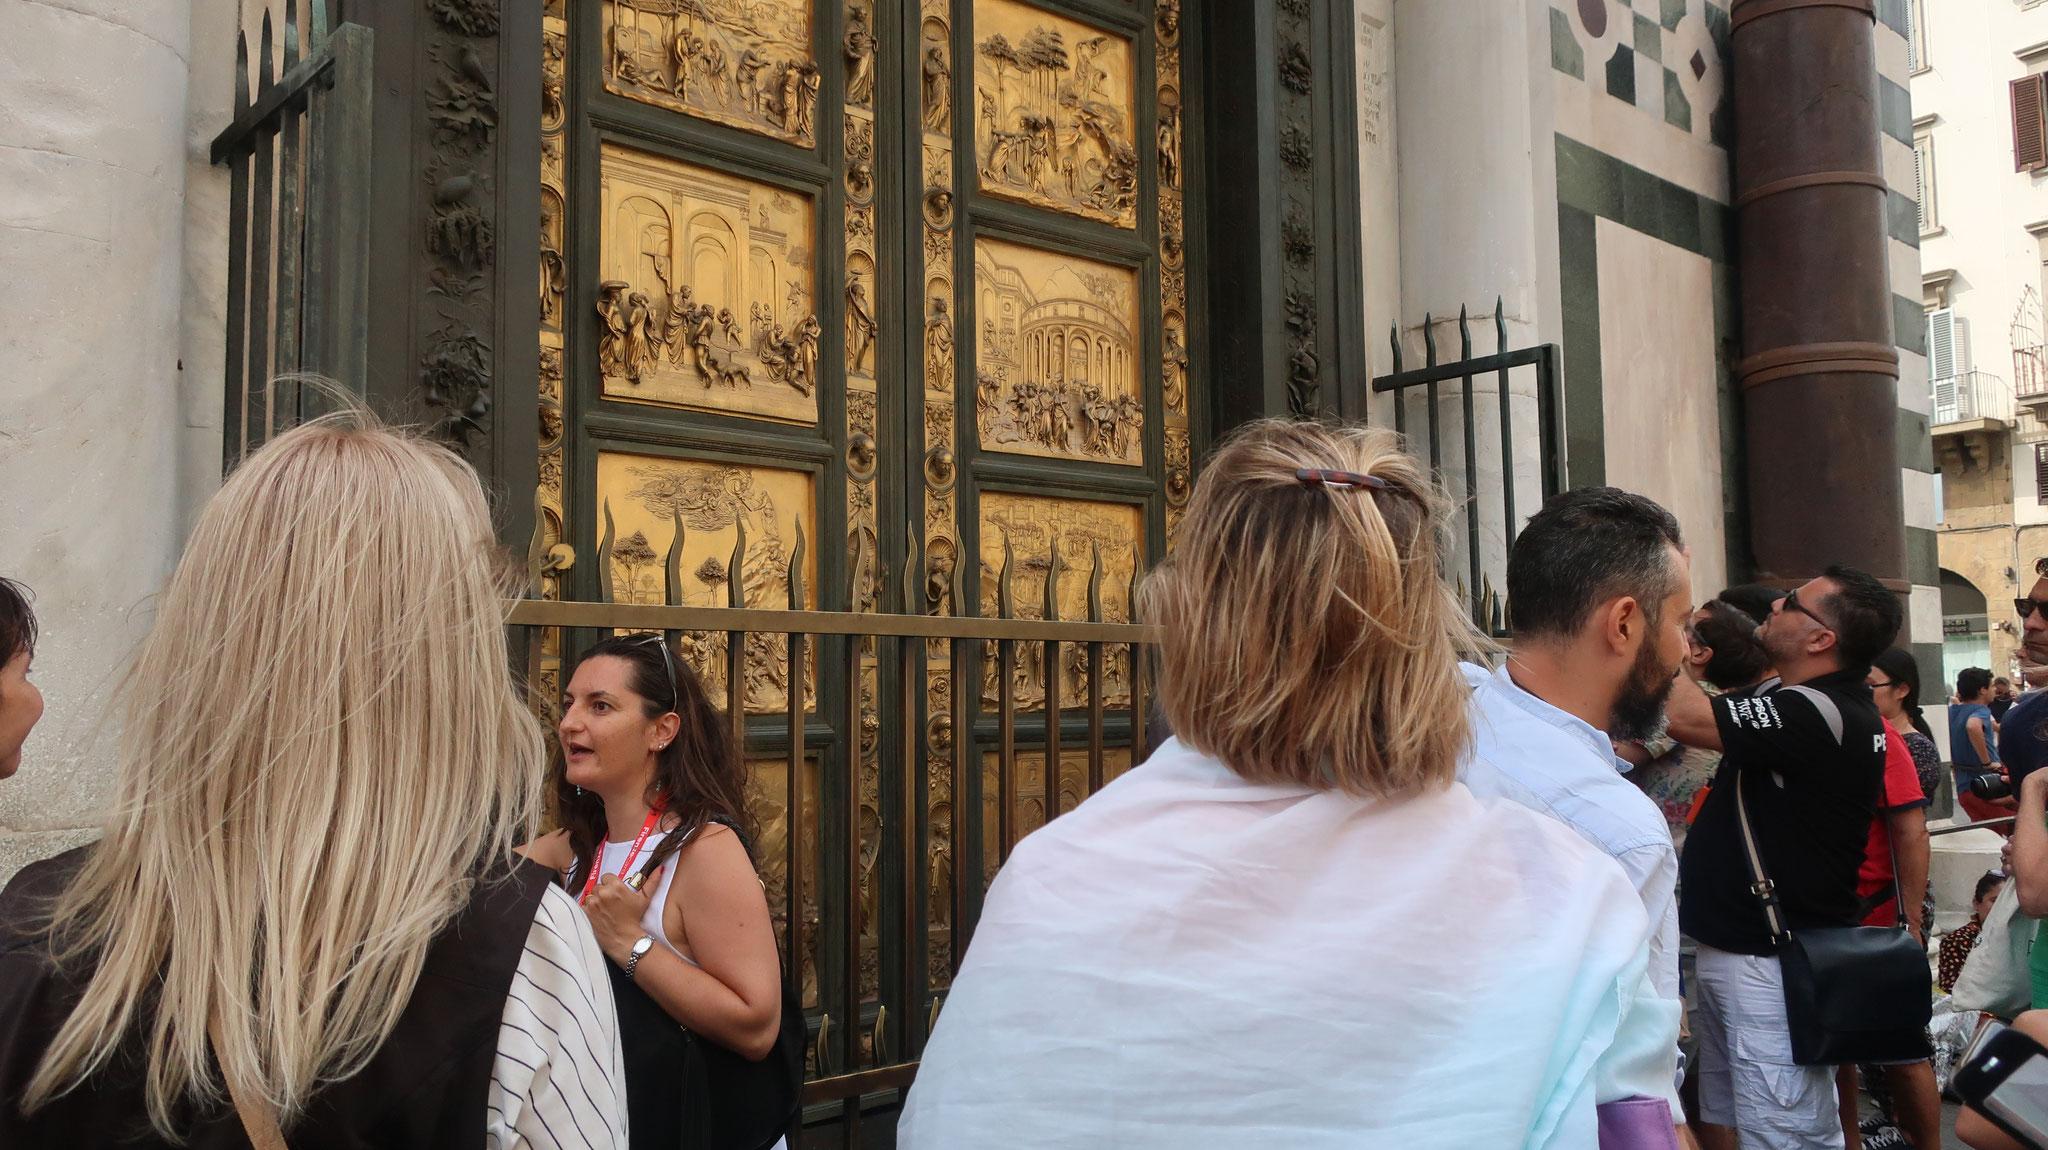 聖ジョヴァンニ洗礼堂の東側の扉。後に、ミケランジェロが「天国の門」と呼び賞賛しました。ただし、これは複製です。